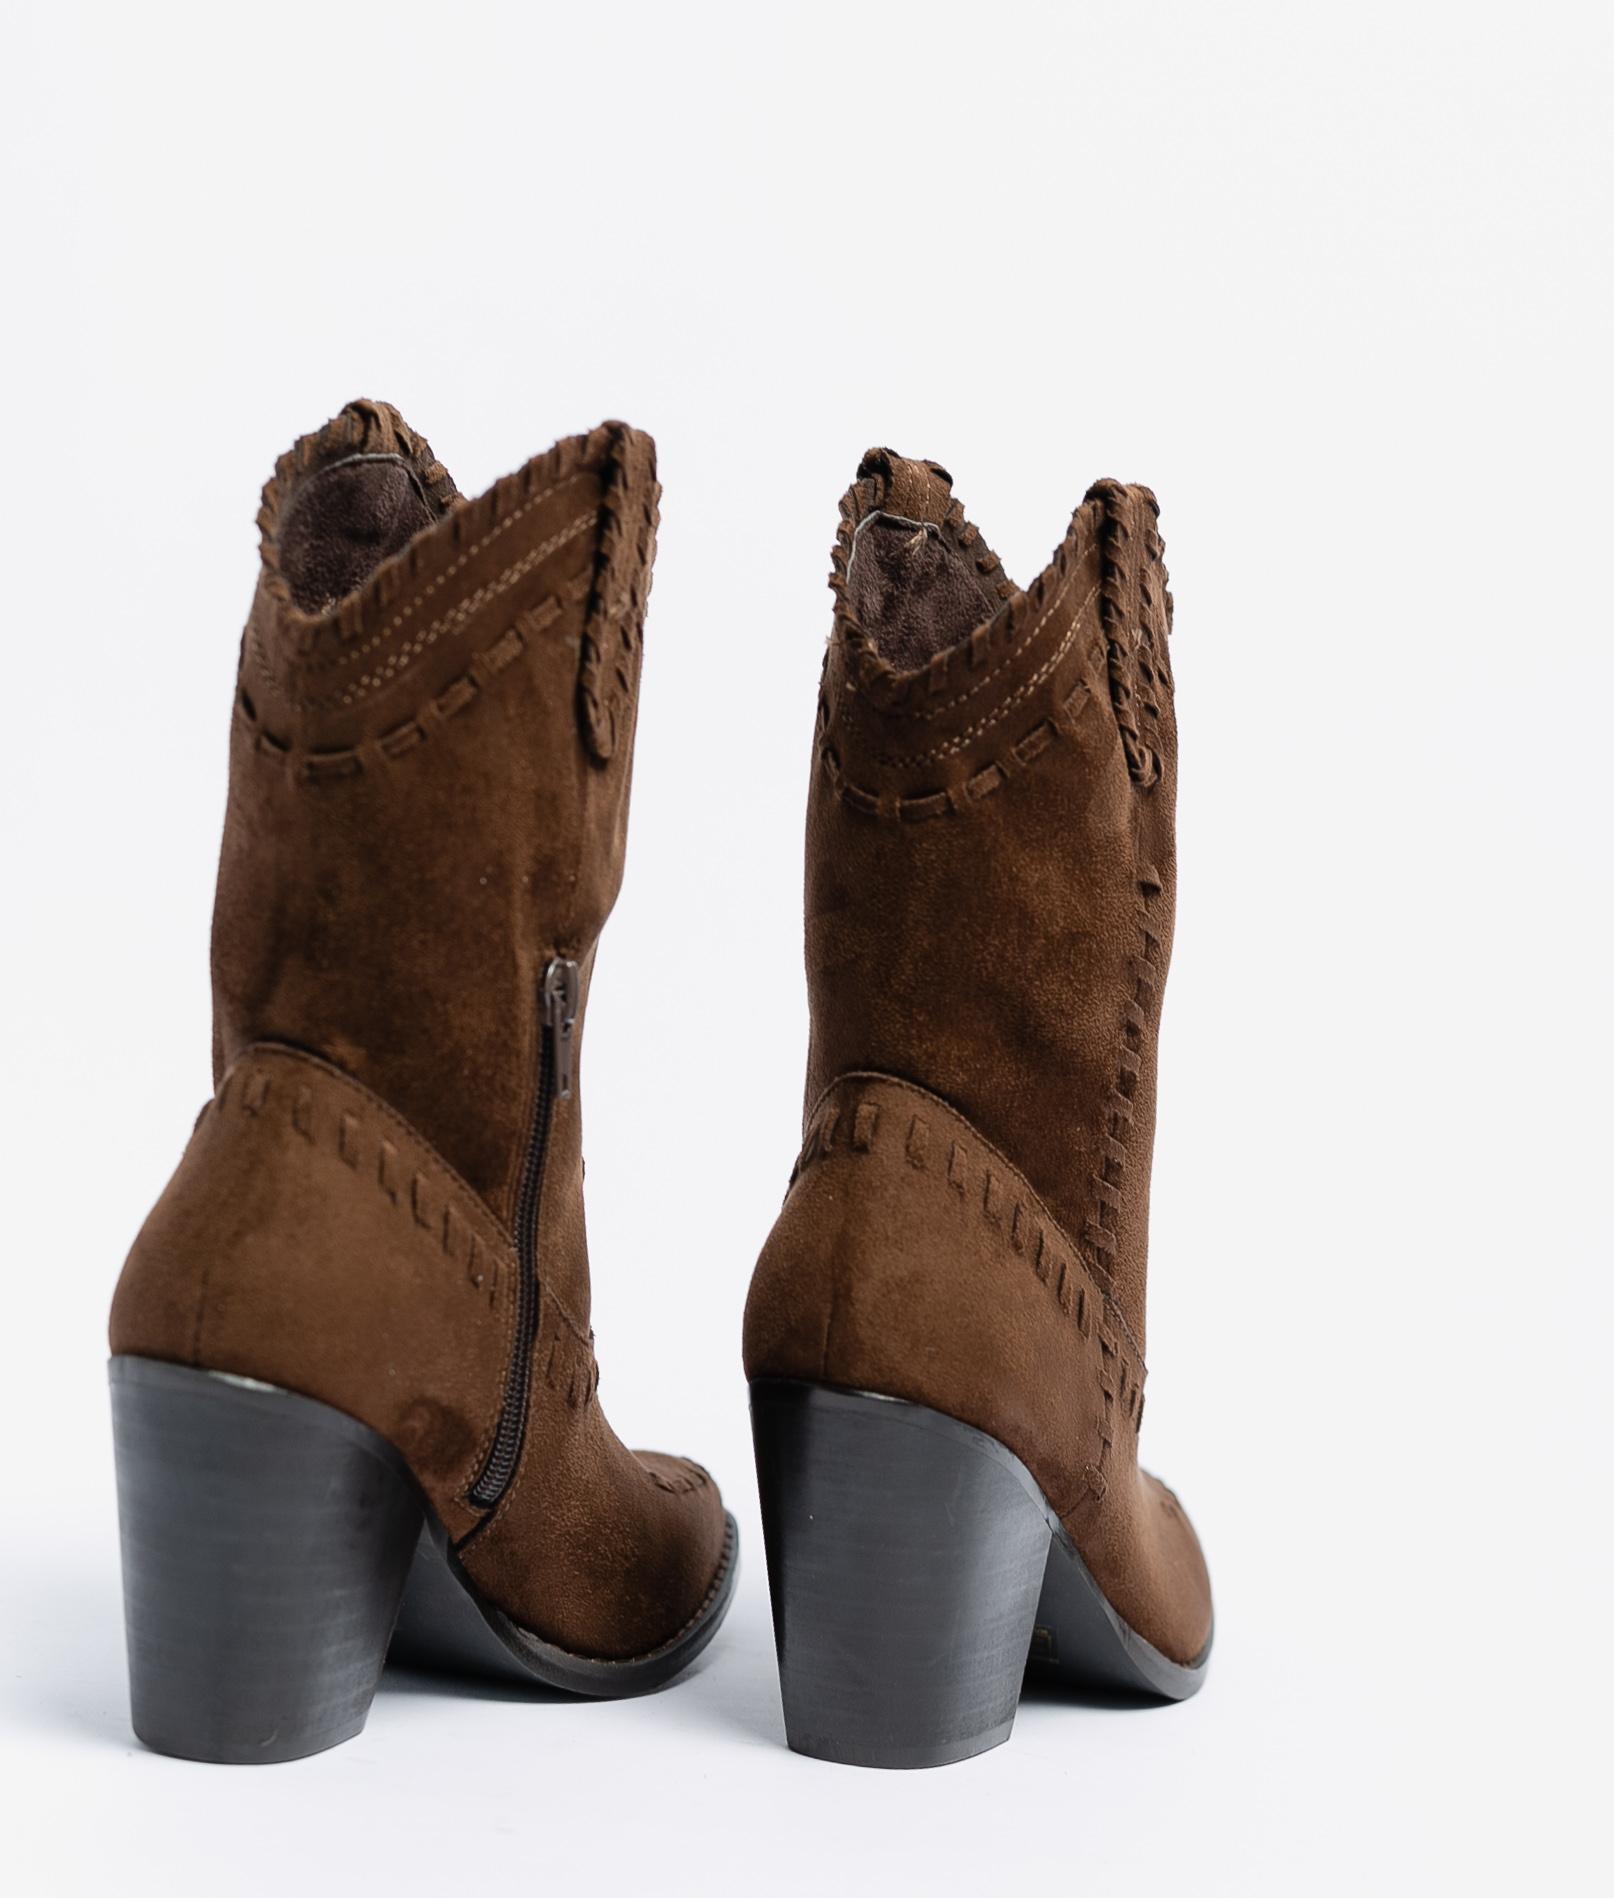 Croma Small Boot - Coffe